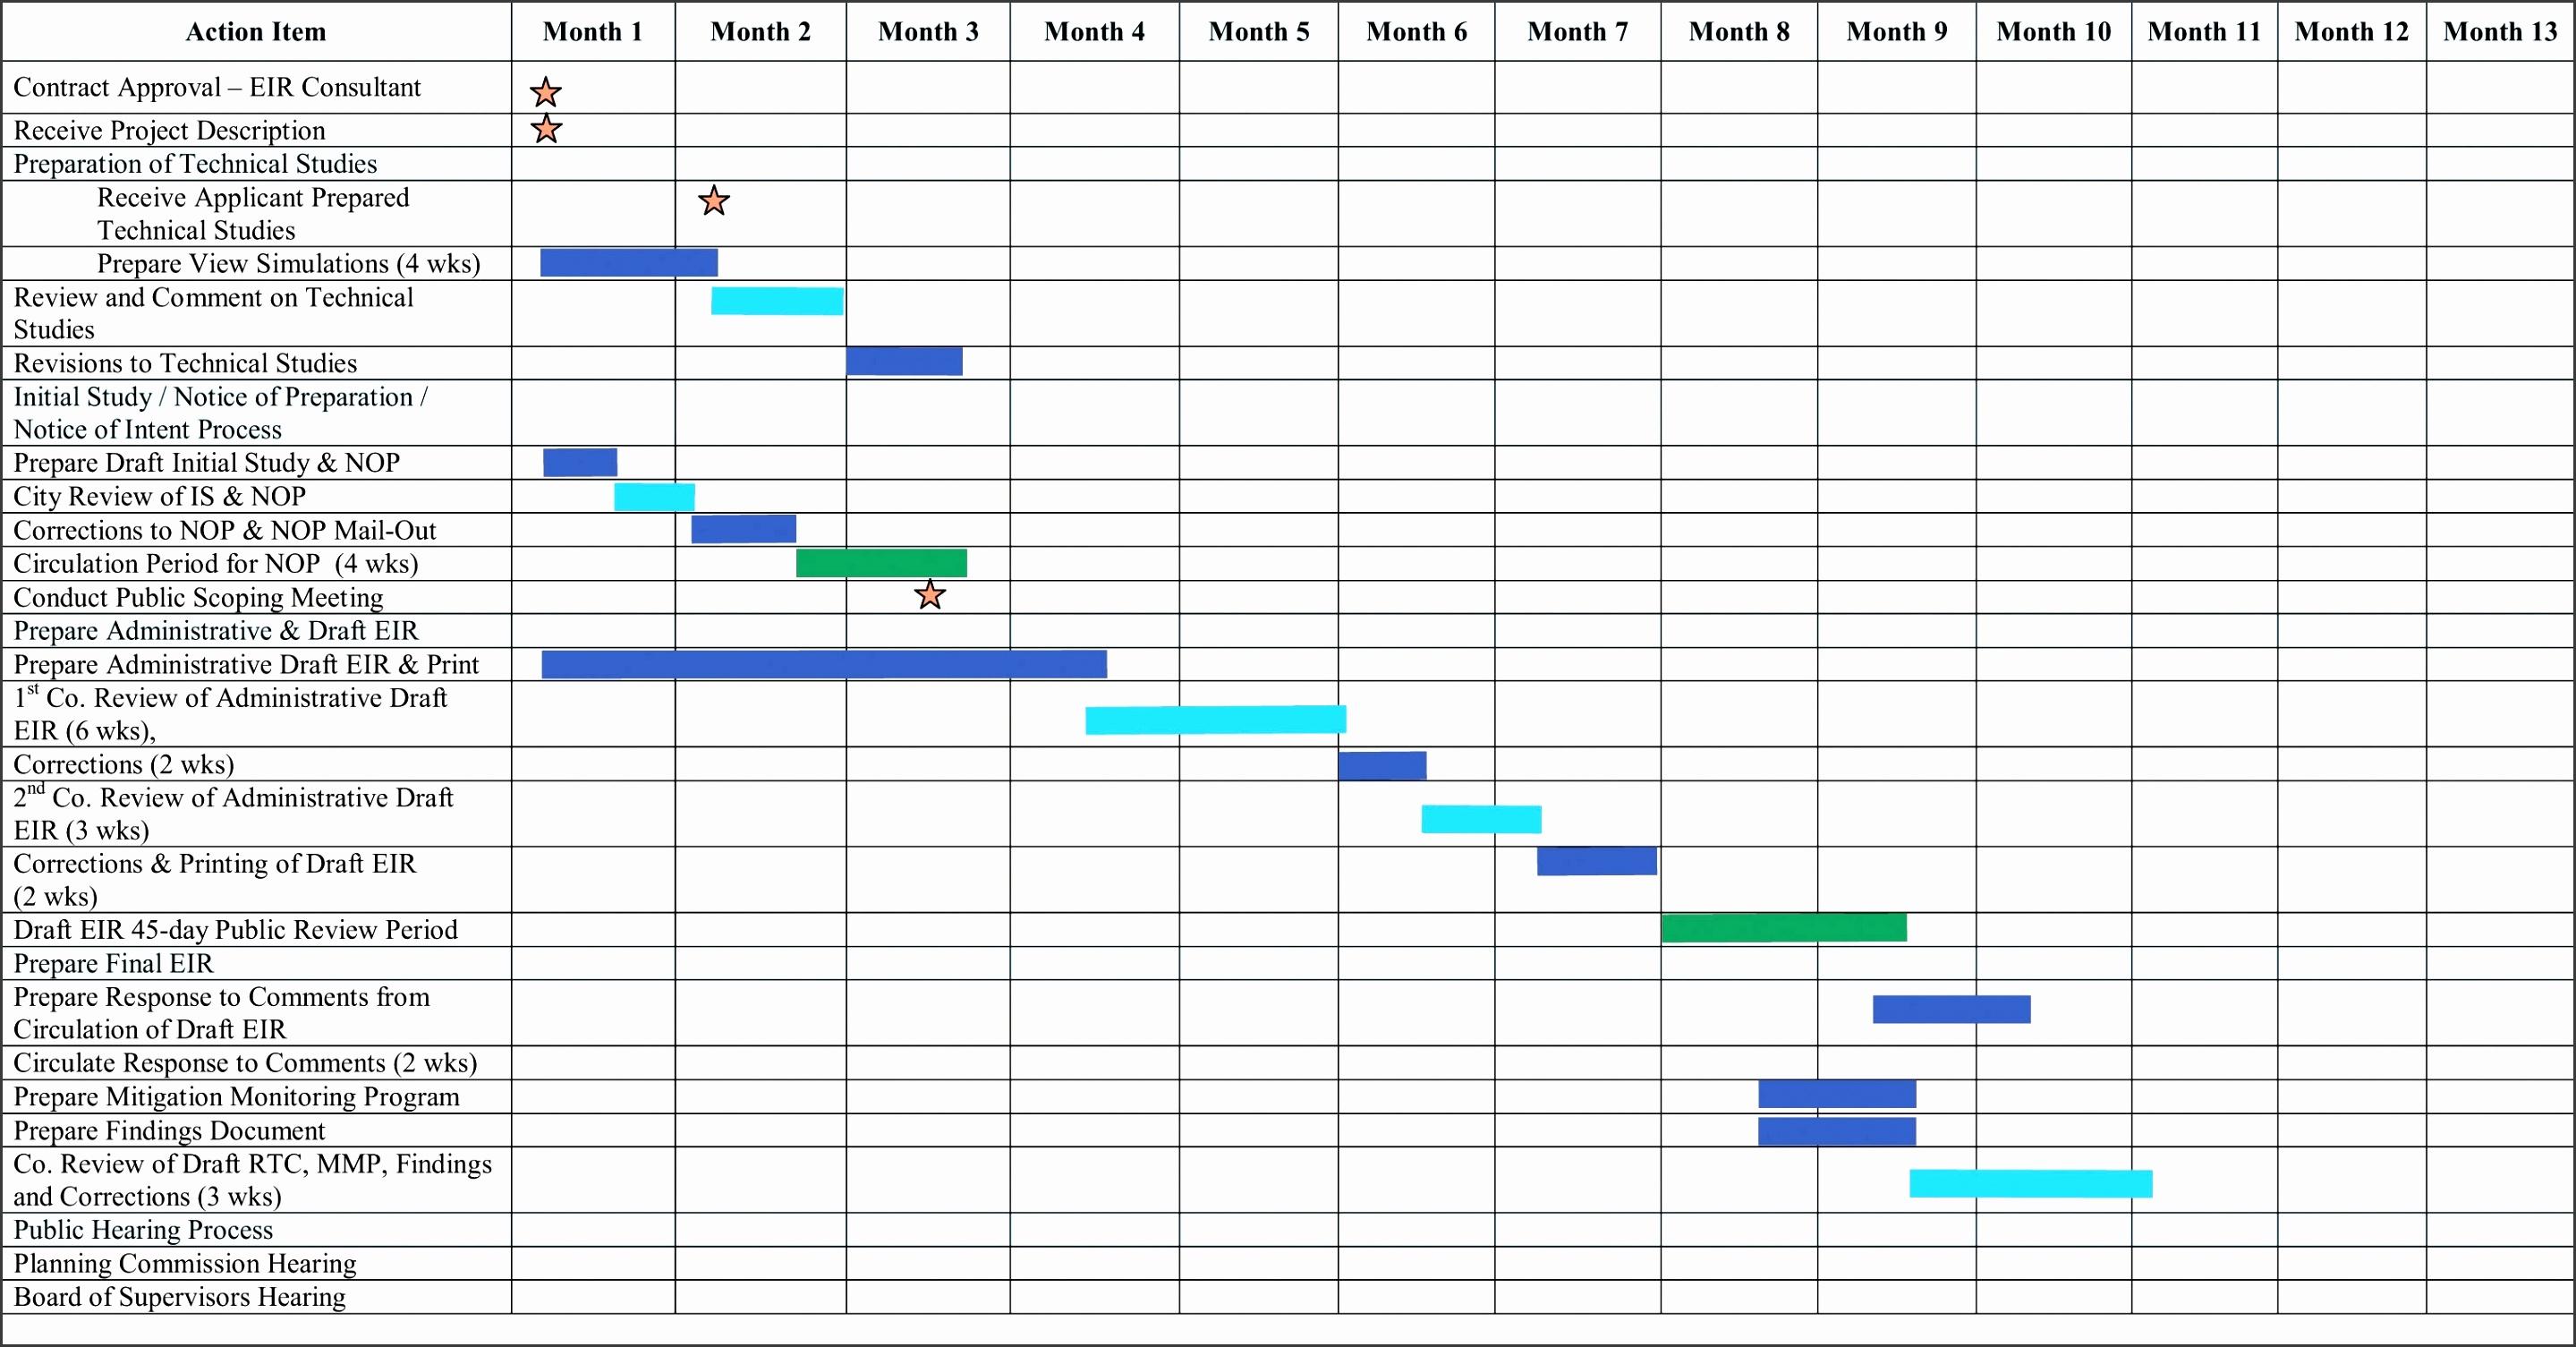 9 Blank Gantt Chart Template - SampleTemplatess ...